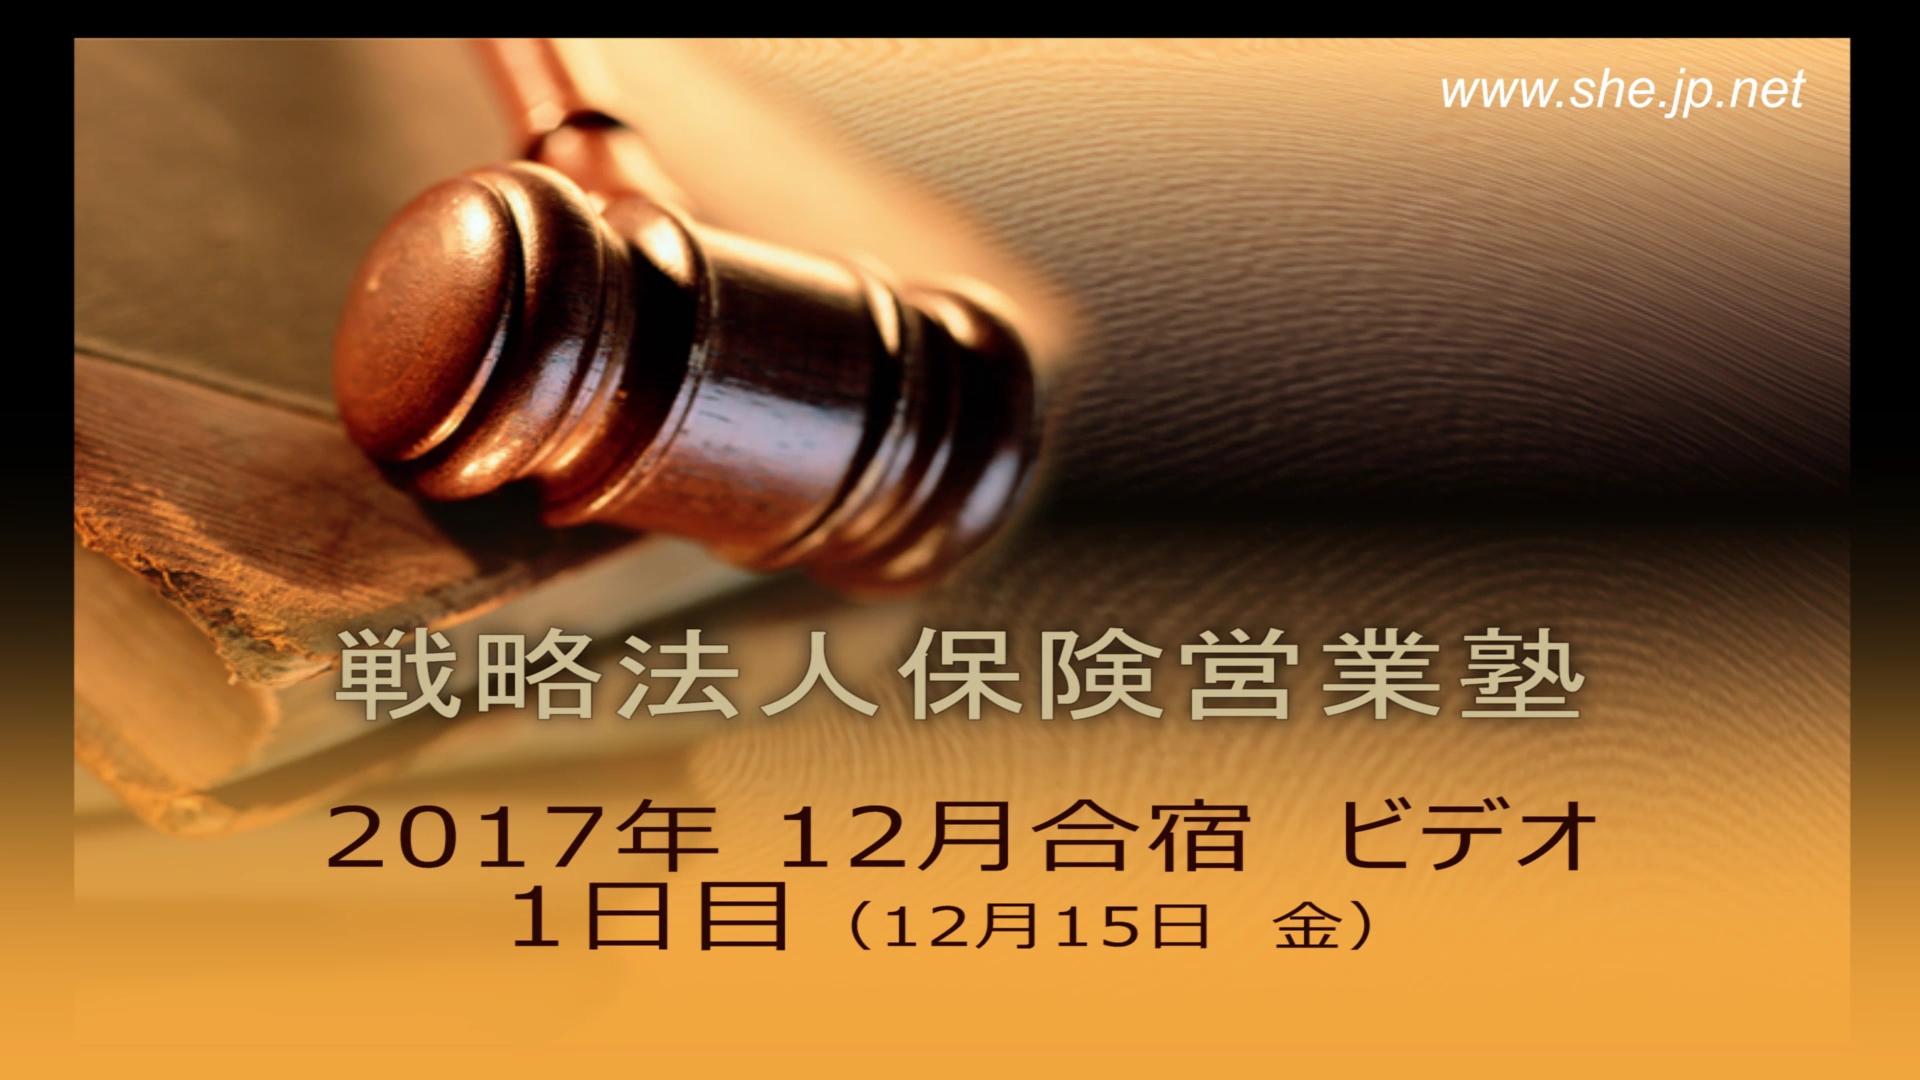 【受講者専用】 2017年12月合宿1日目LiveSHE勉強会ビデオ(メンバー限定)